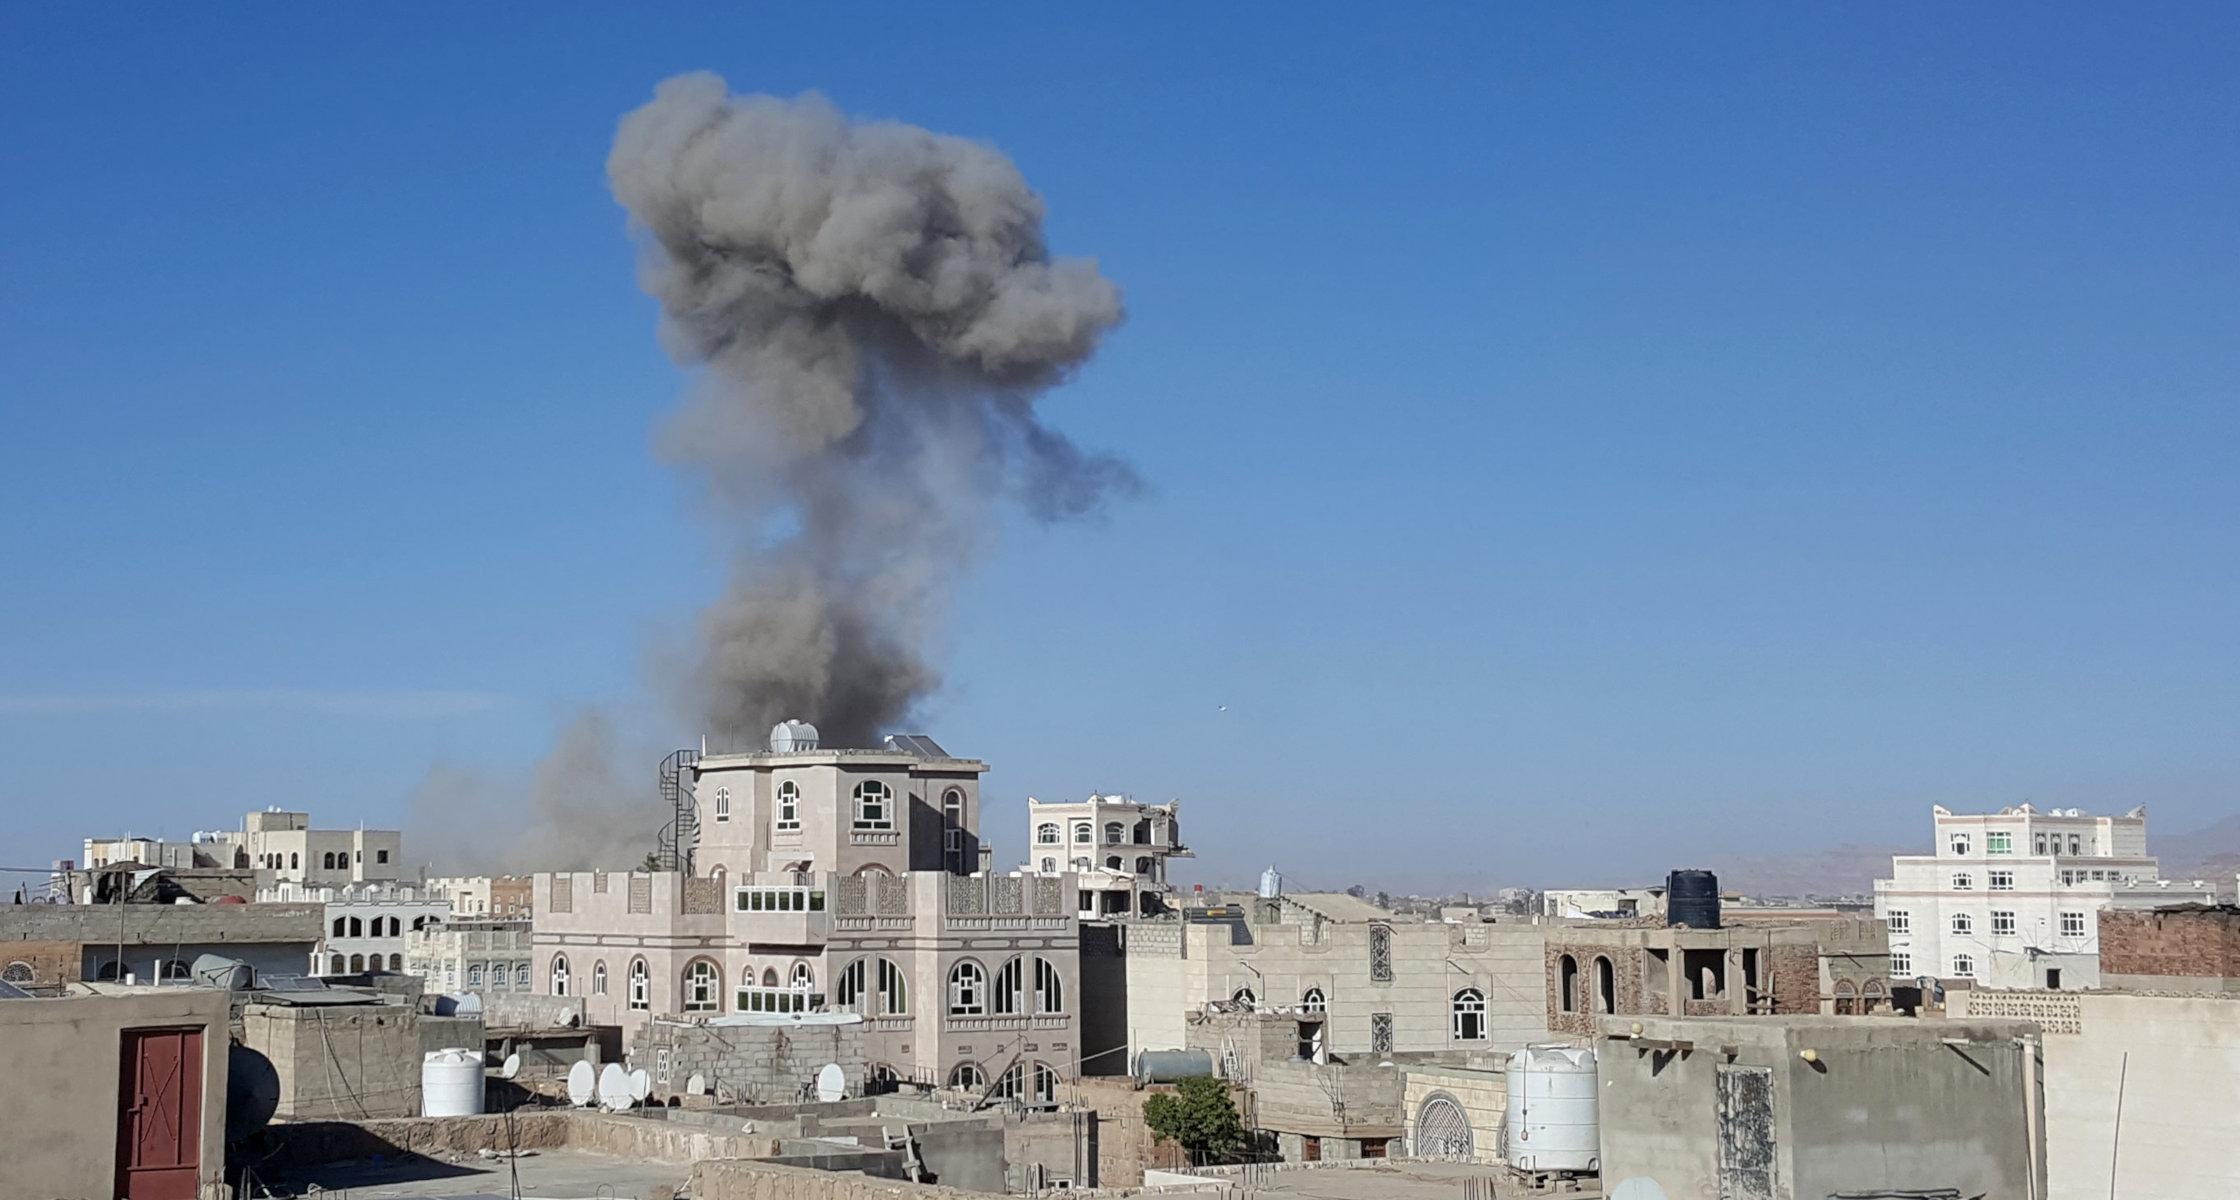 USA warten weiterhin saudische Kampfflugzeuge, die den Jemen bombardieren